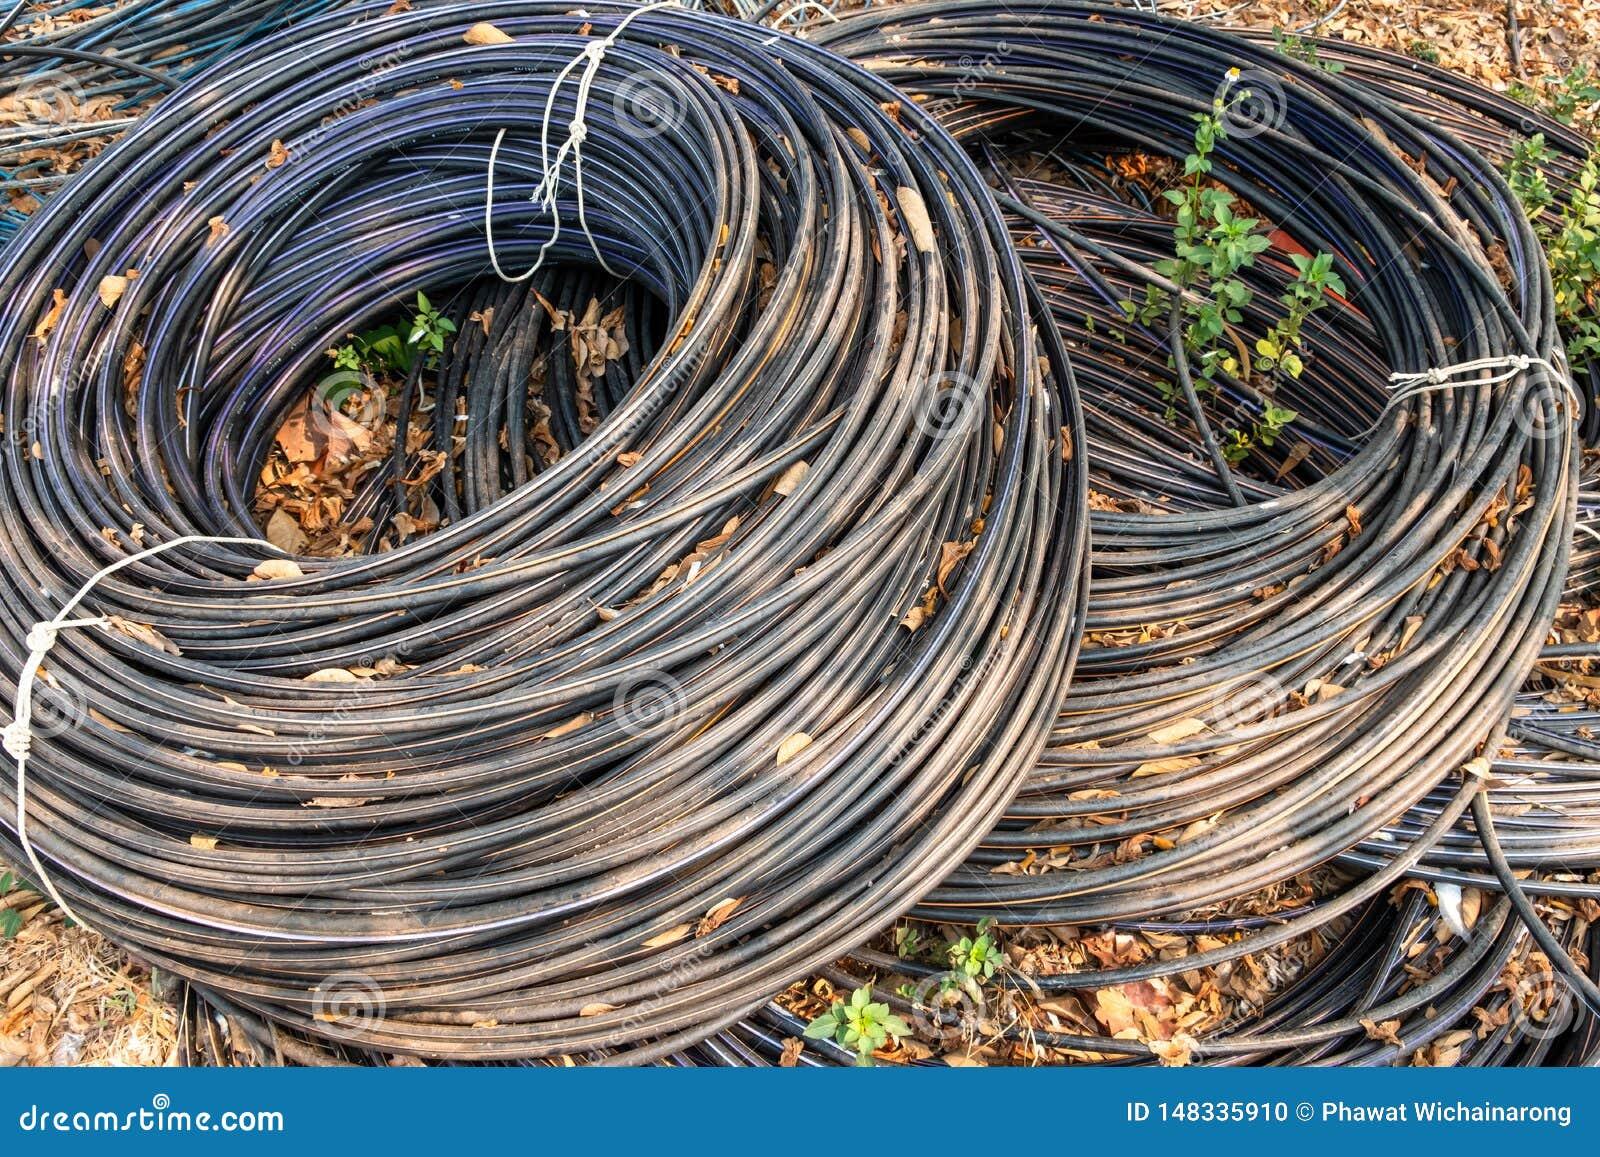 Rolls dos cabos pretos da telecomunicação que encontram-se na terra